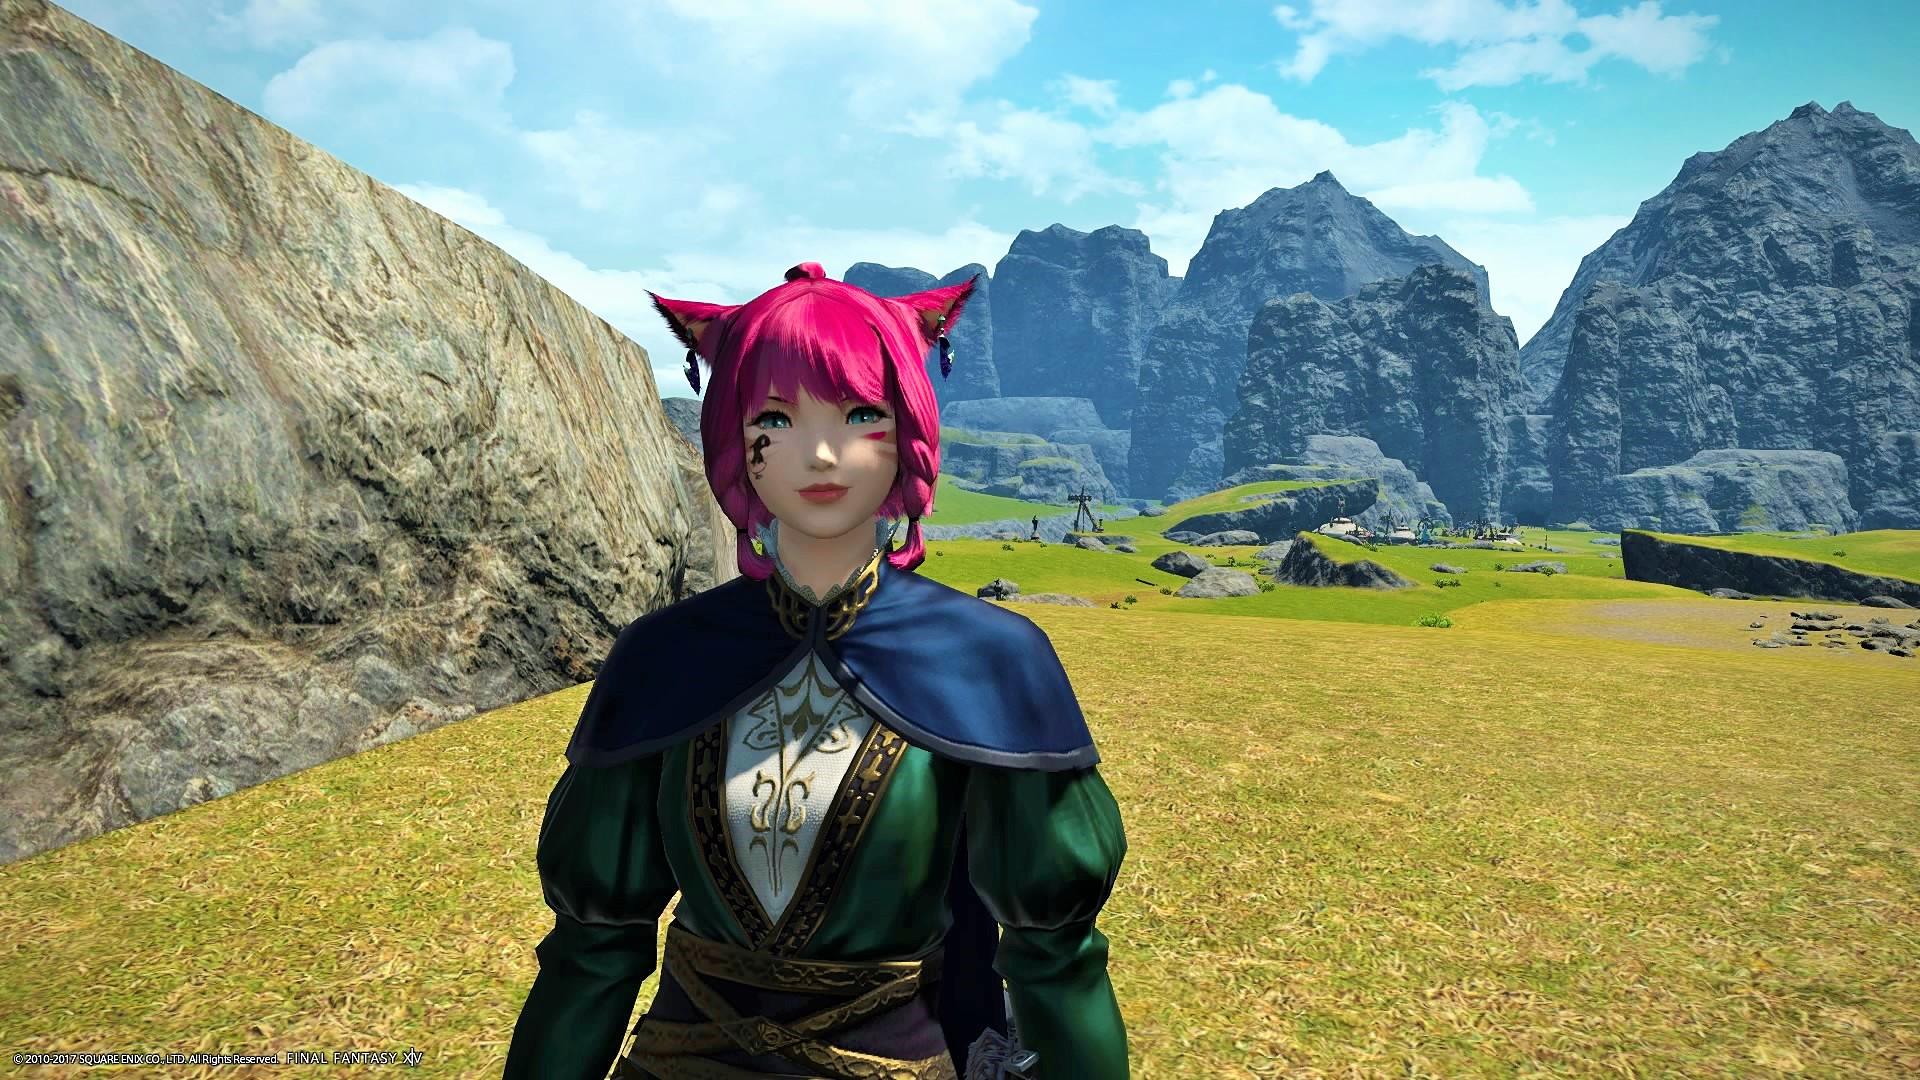 Karin Mie